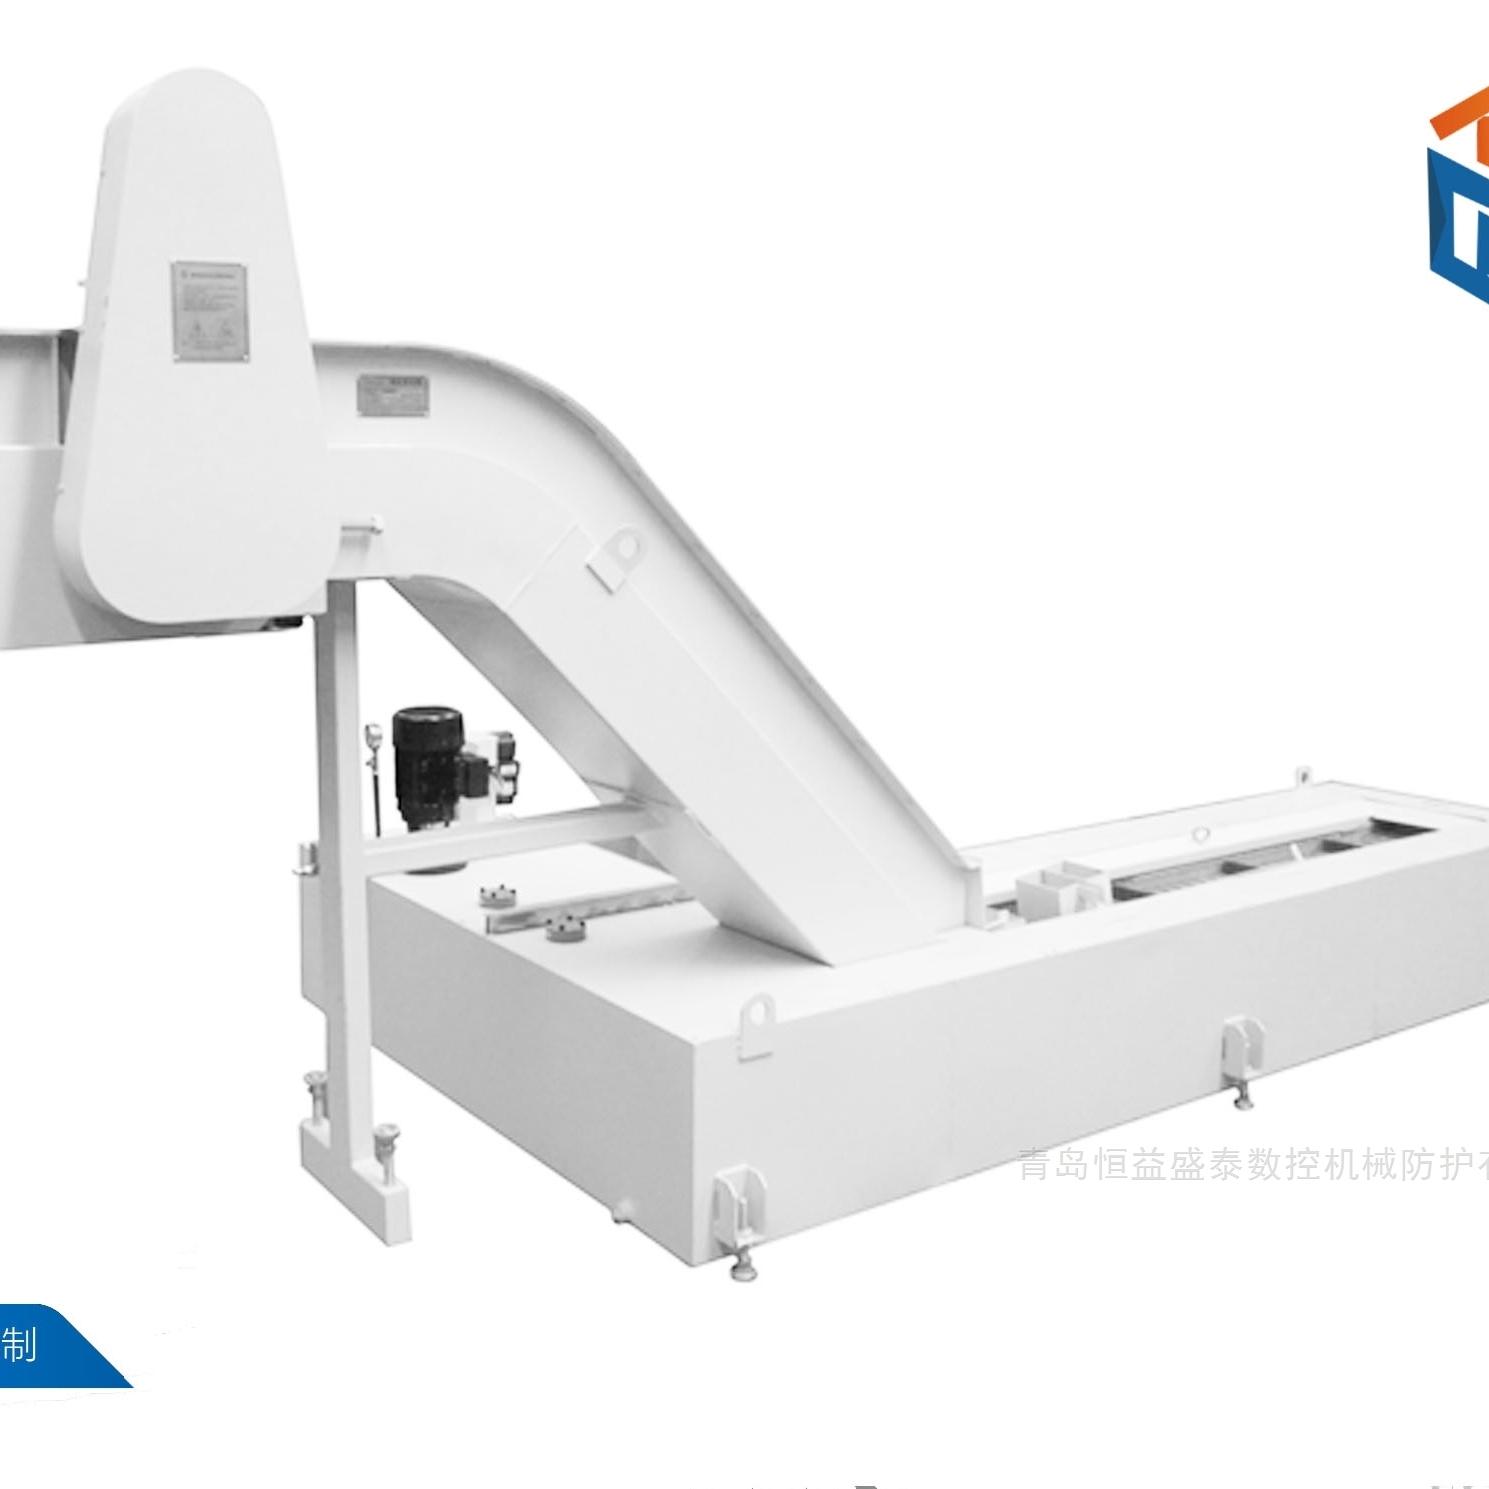 链板式废料提升输送机排屑机器青岛生产厂家